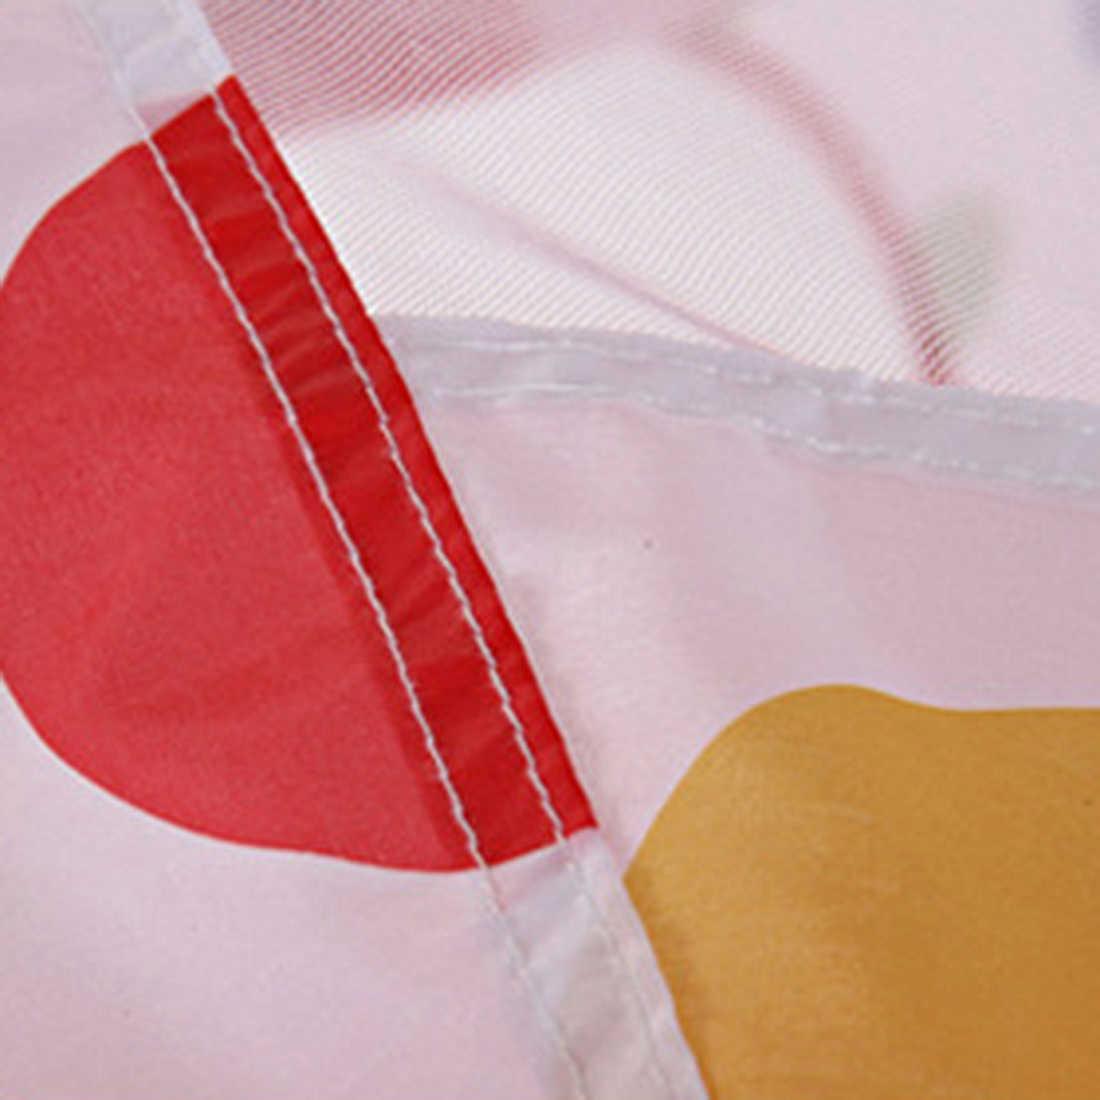 3Pcs Portable Lucu Hexagon Warna-warni Polka Dot Anak-anak Boks Bola Pit Mudah Lipat Bermain Tenda Rumah dengan Tote Bag panas